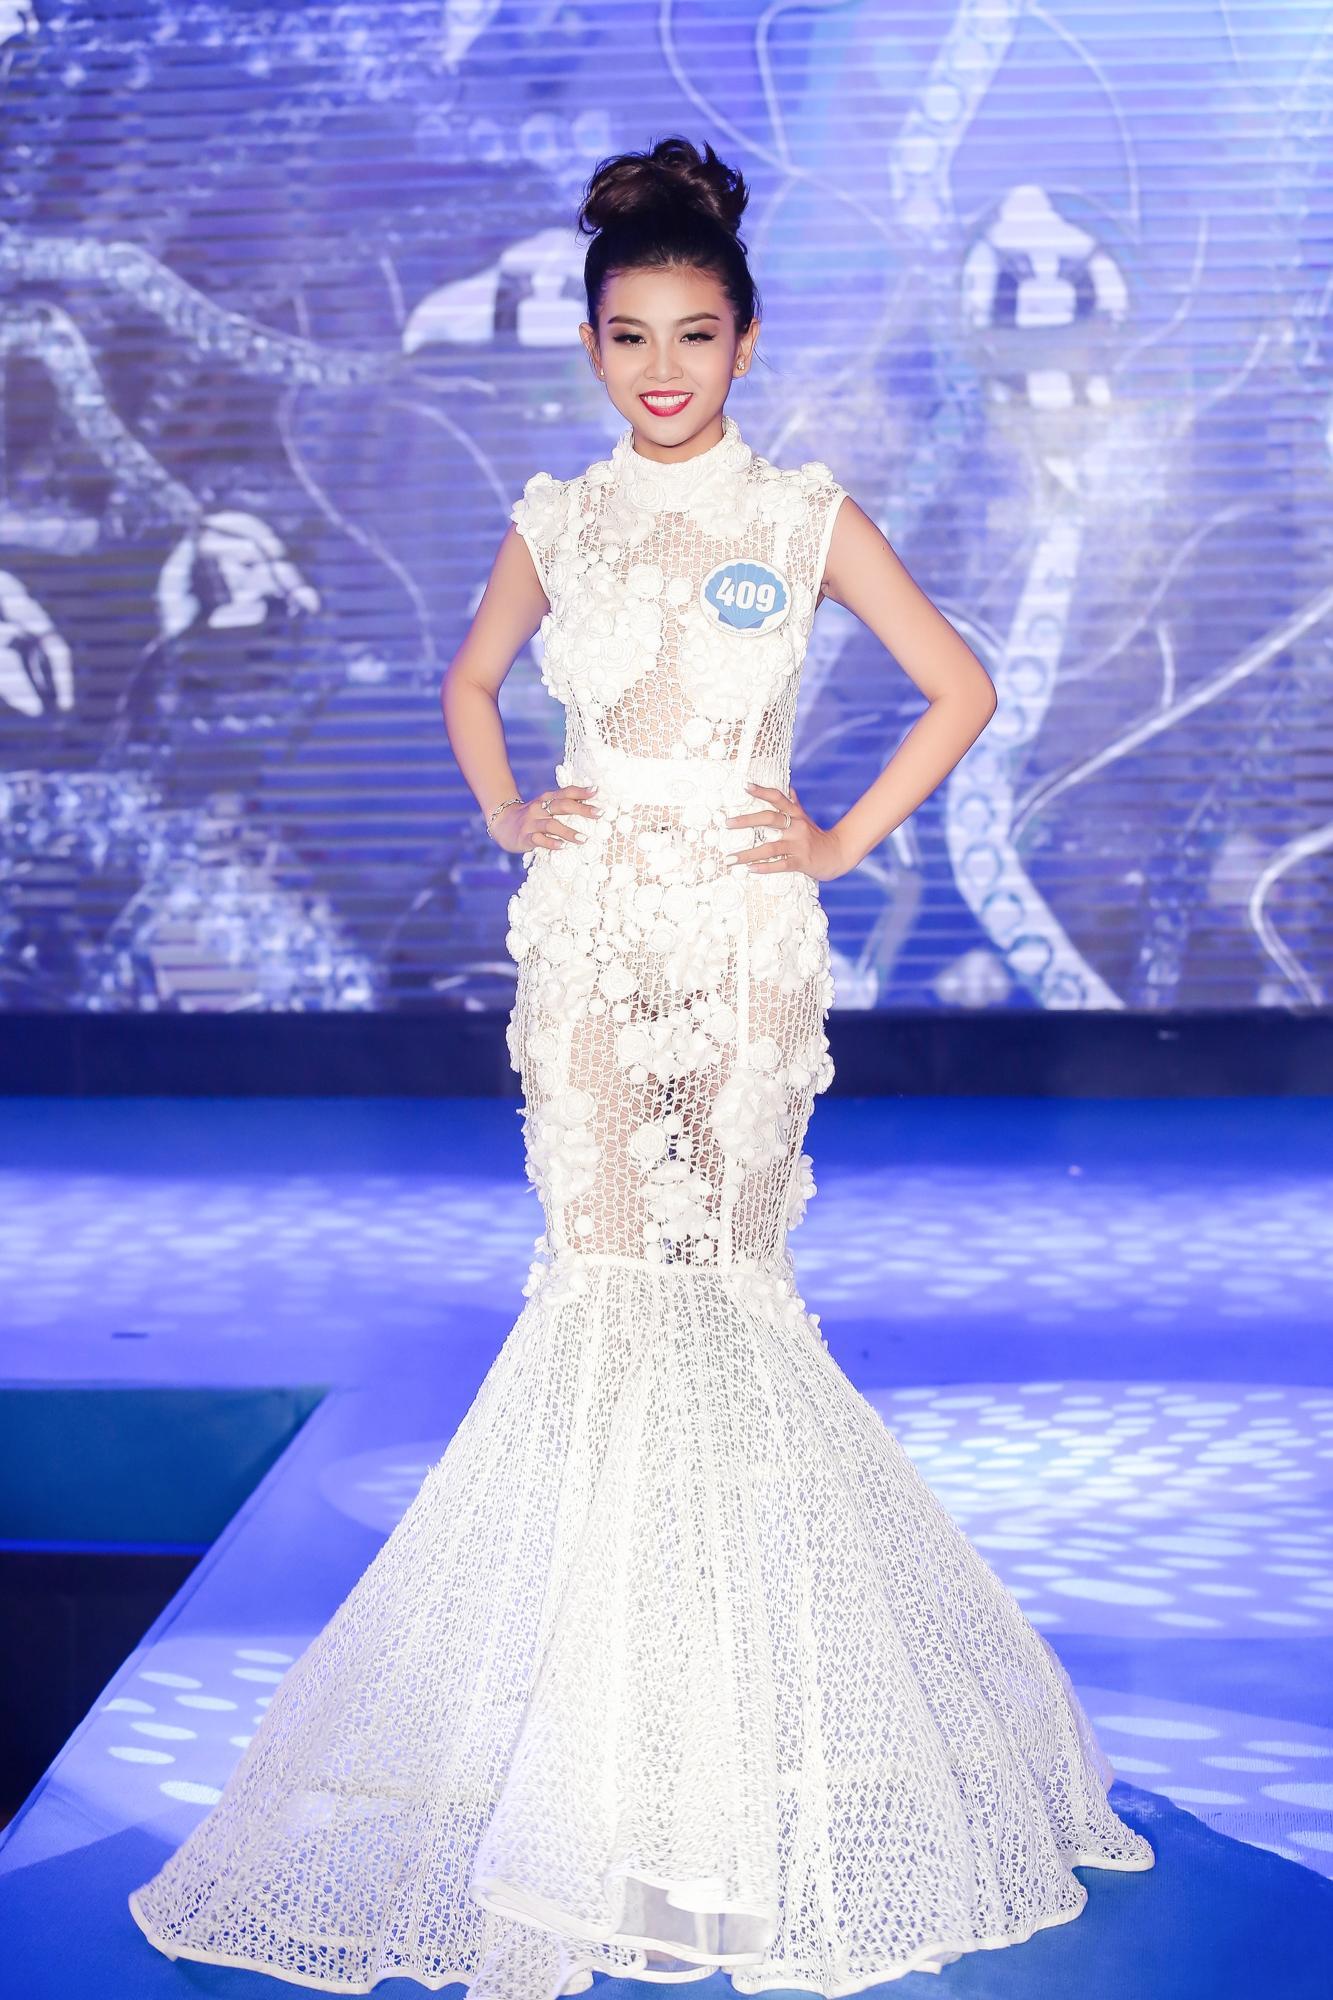 Con gái quả bom sex Việt Kiều Trinh vào chung kết Hoa hậu Đại Dương 2017-9